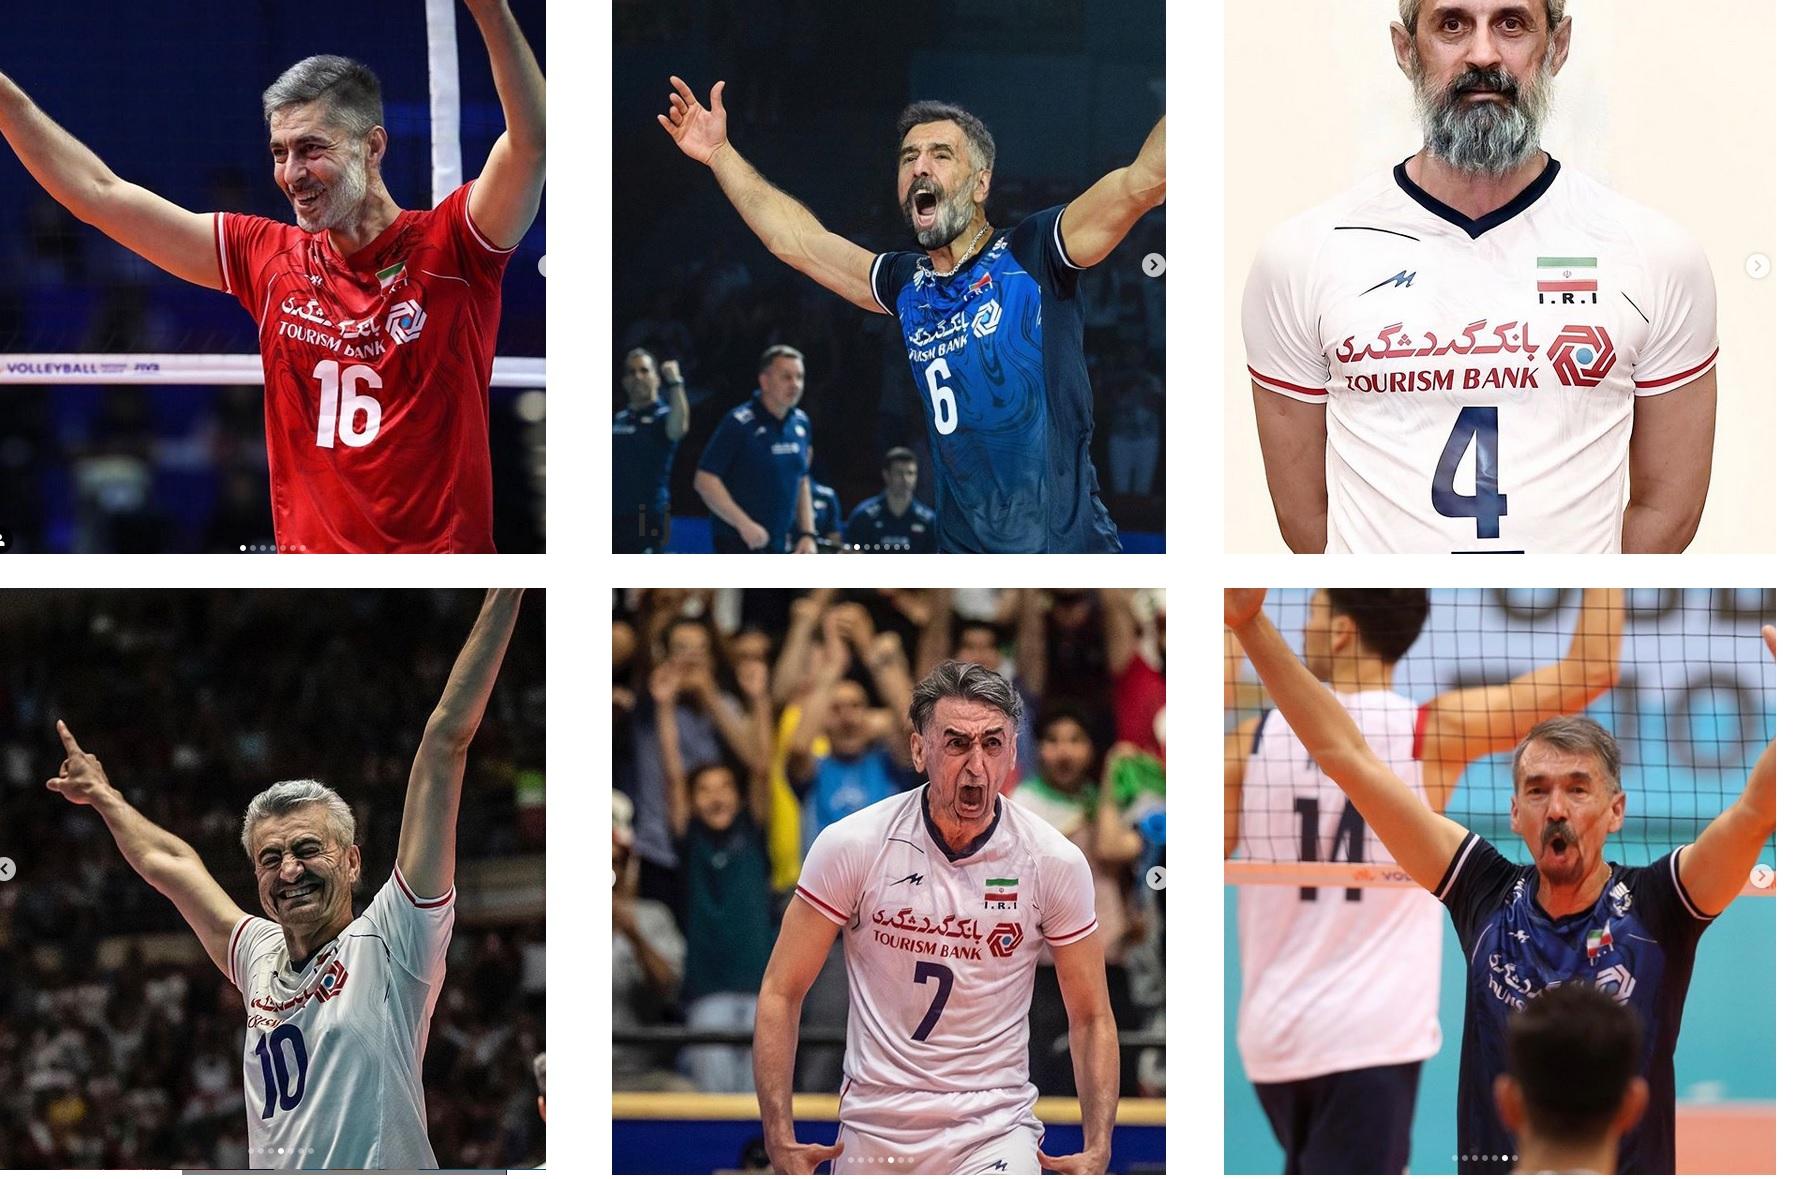 شوخی فدراسیون جهانی والیبال با ملی پوشان ایران